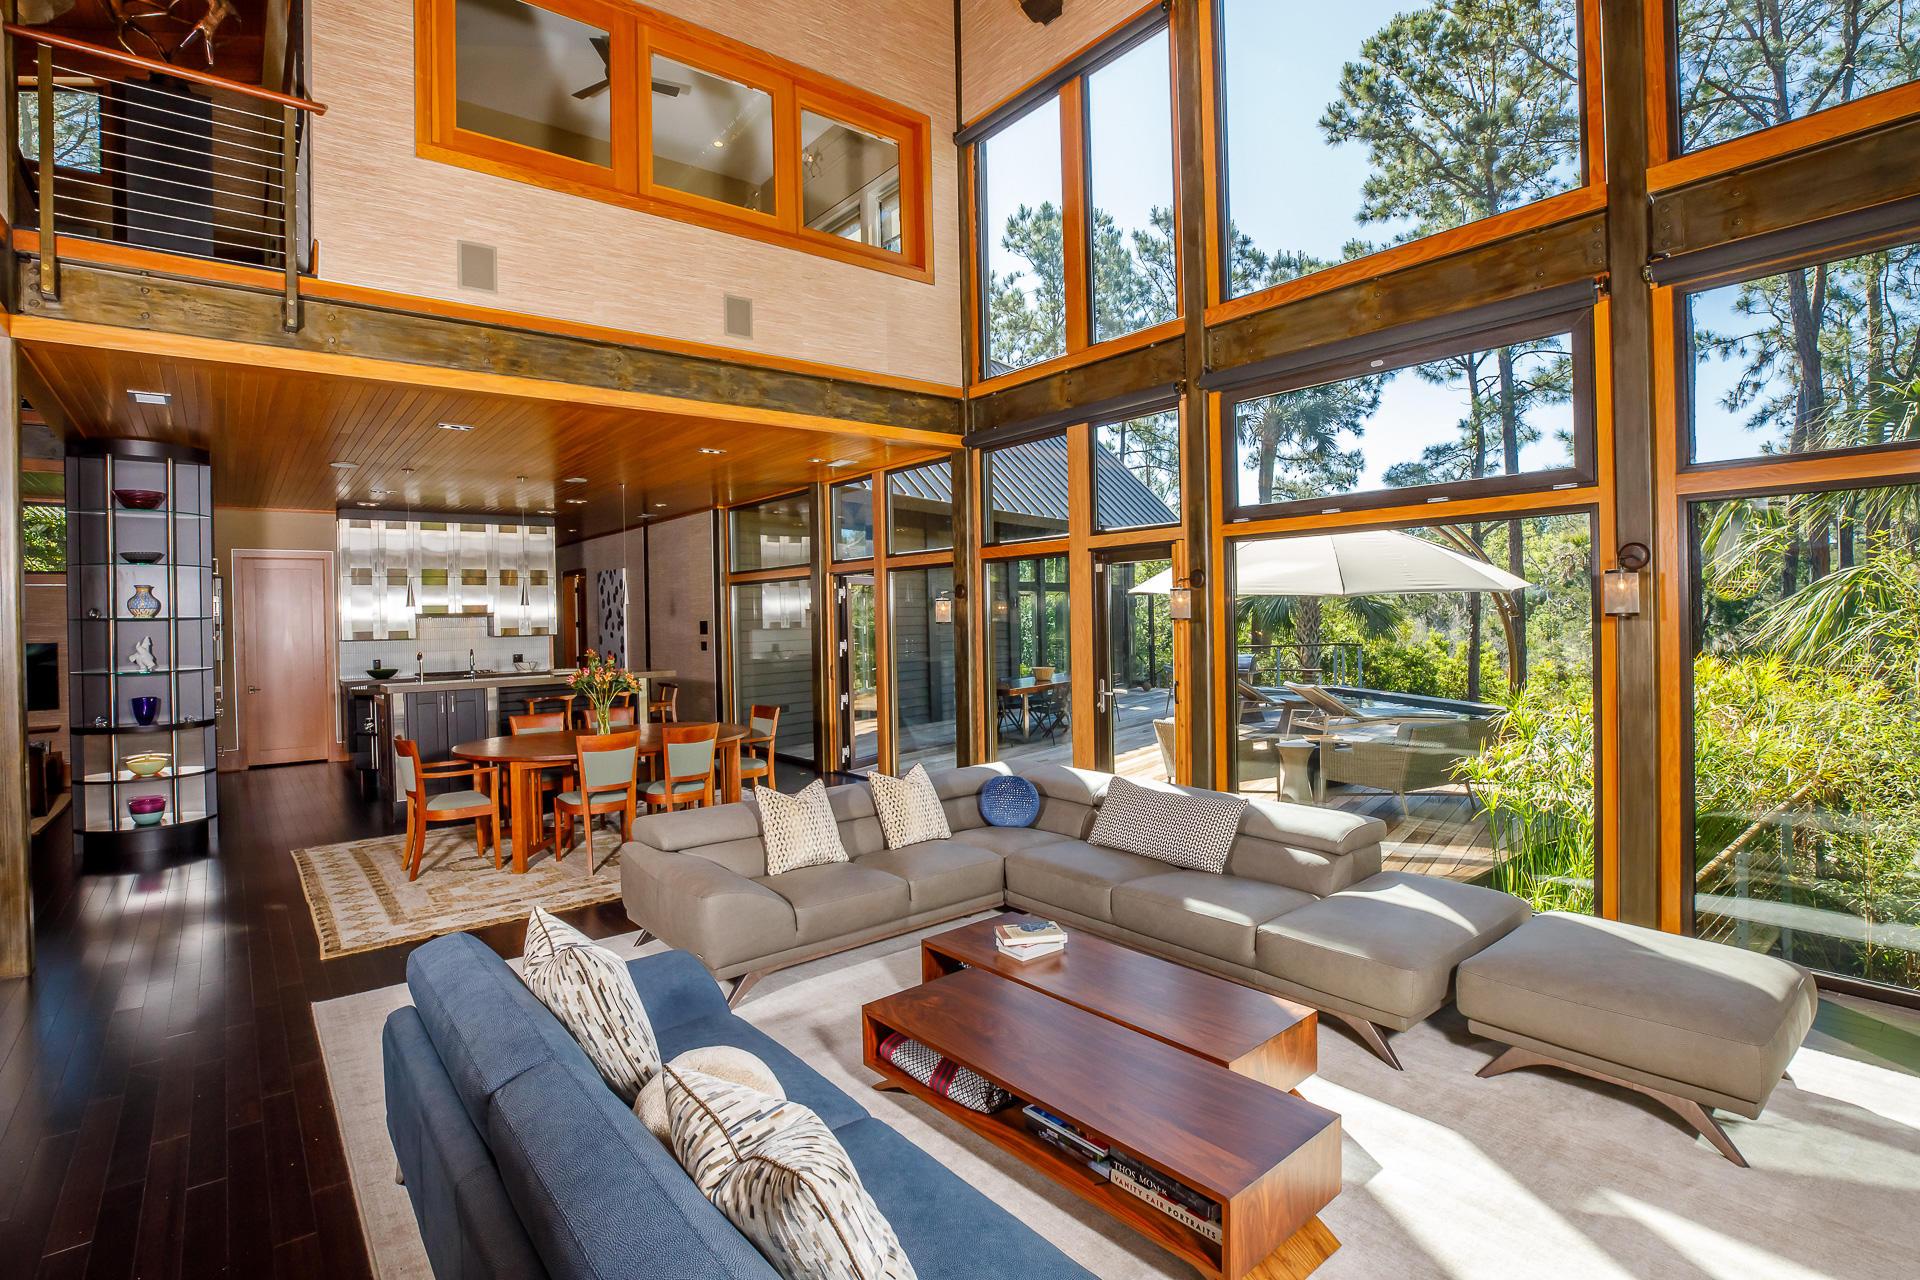 Kiawah Island Homes For Sale - 102 Blue Heron Pond, Kiawah Island, SC - 80